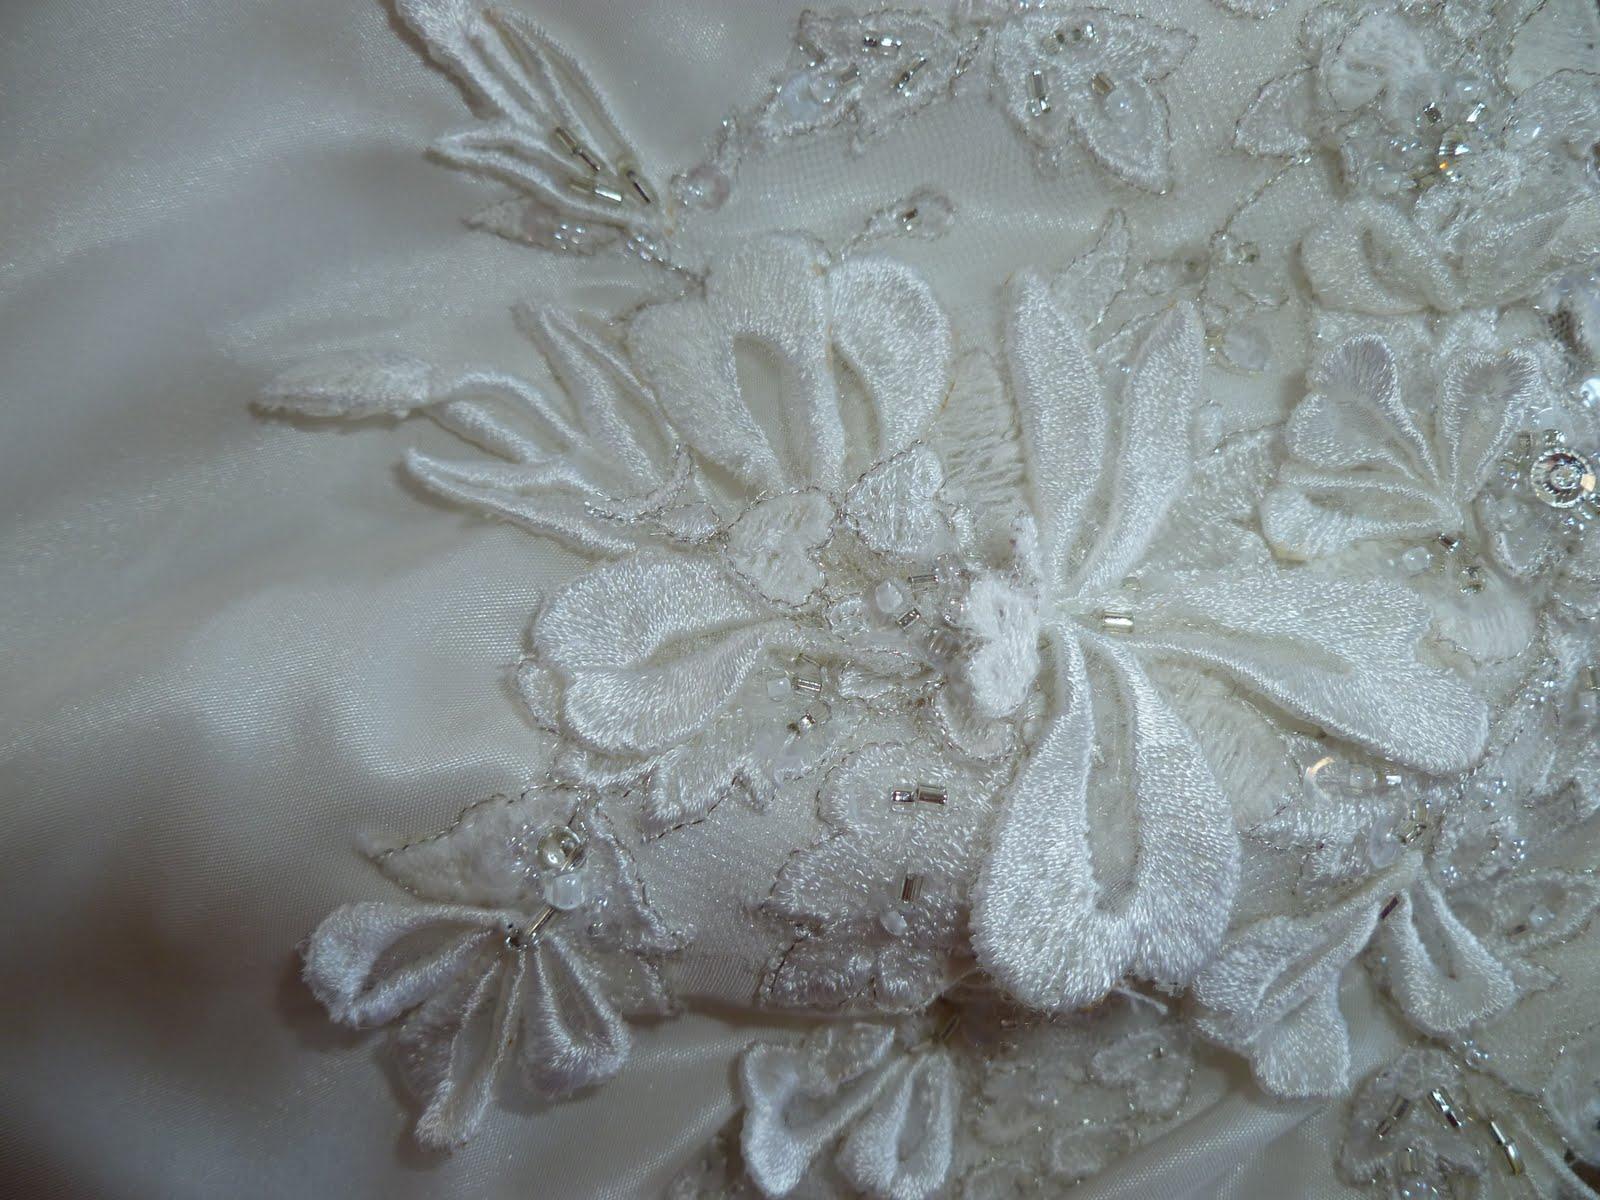 Joanne Ferguson Bridal: The Queen wears Shamrocks